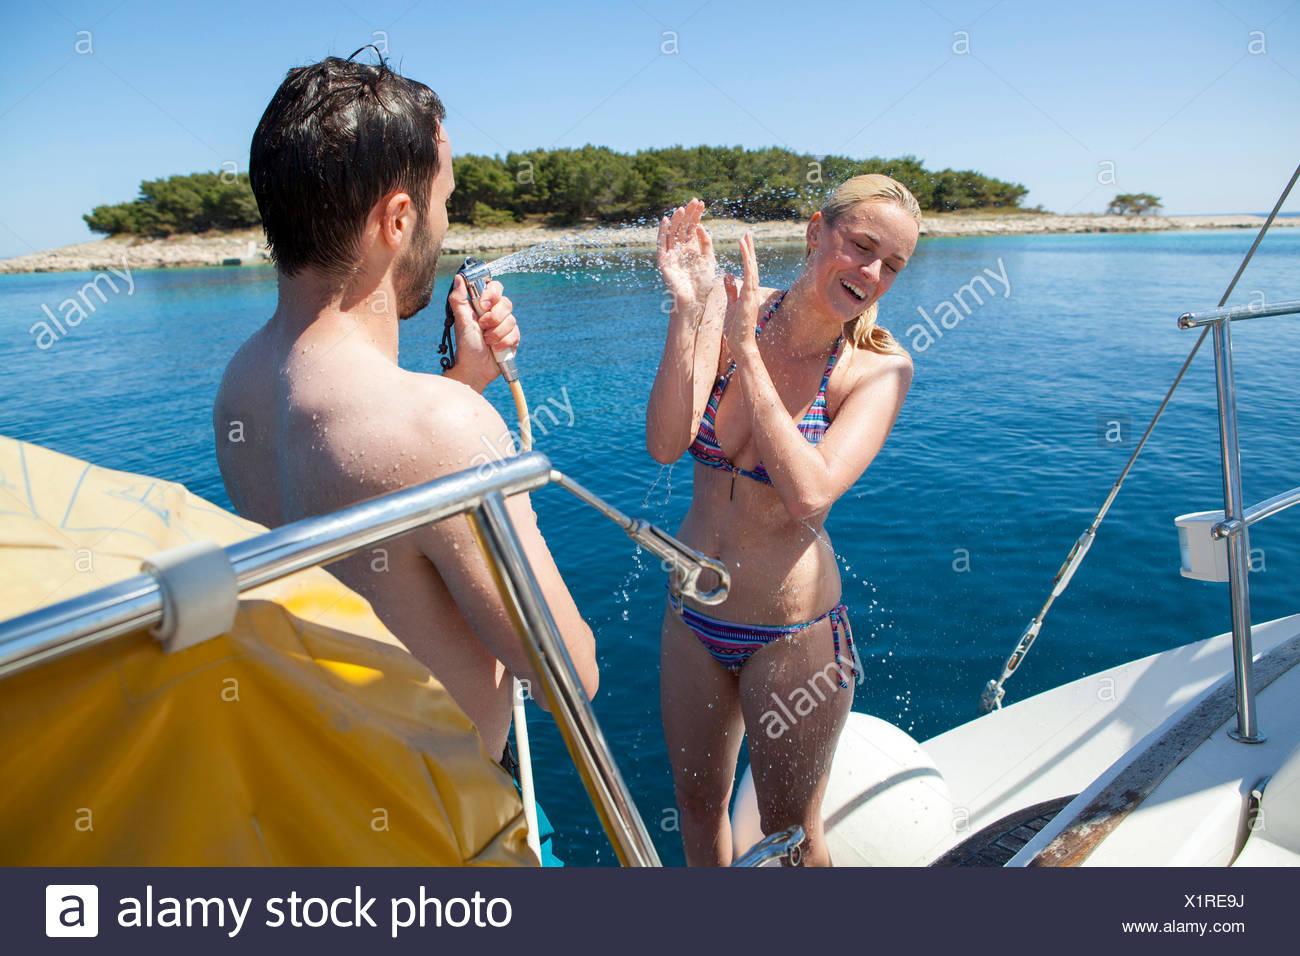 La donna che viene spruzzato con acqua sulla barca a vela mare Adriatico Immagini Stock